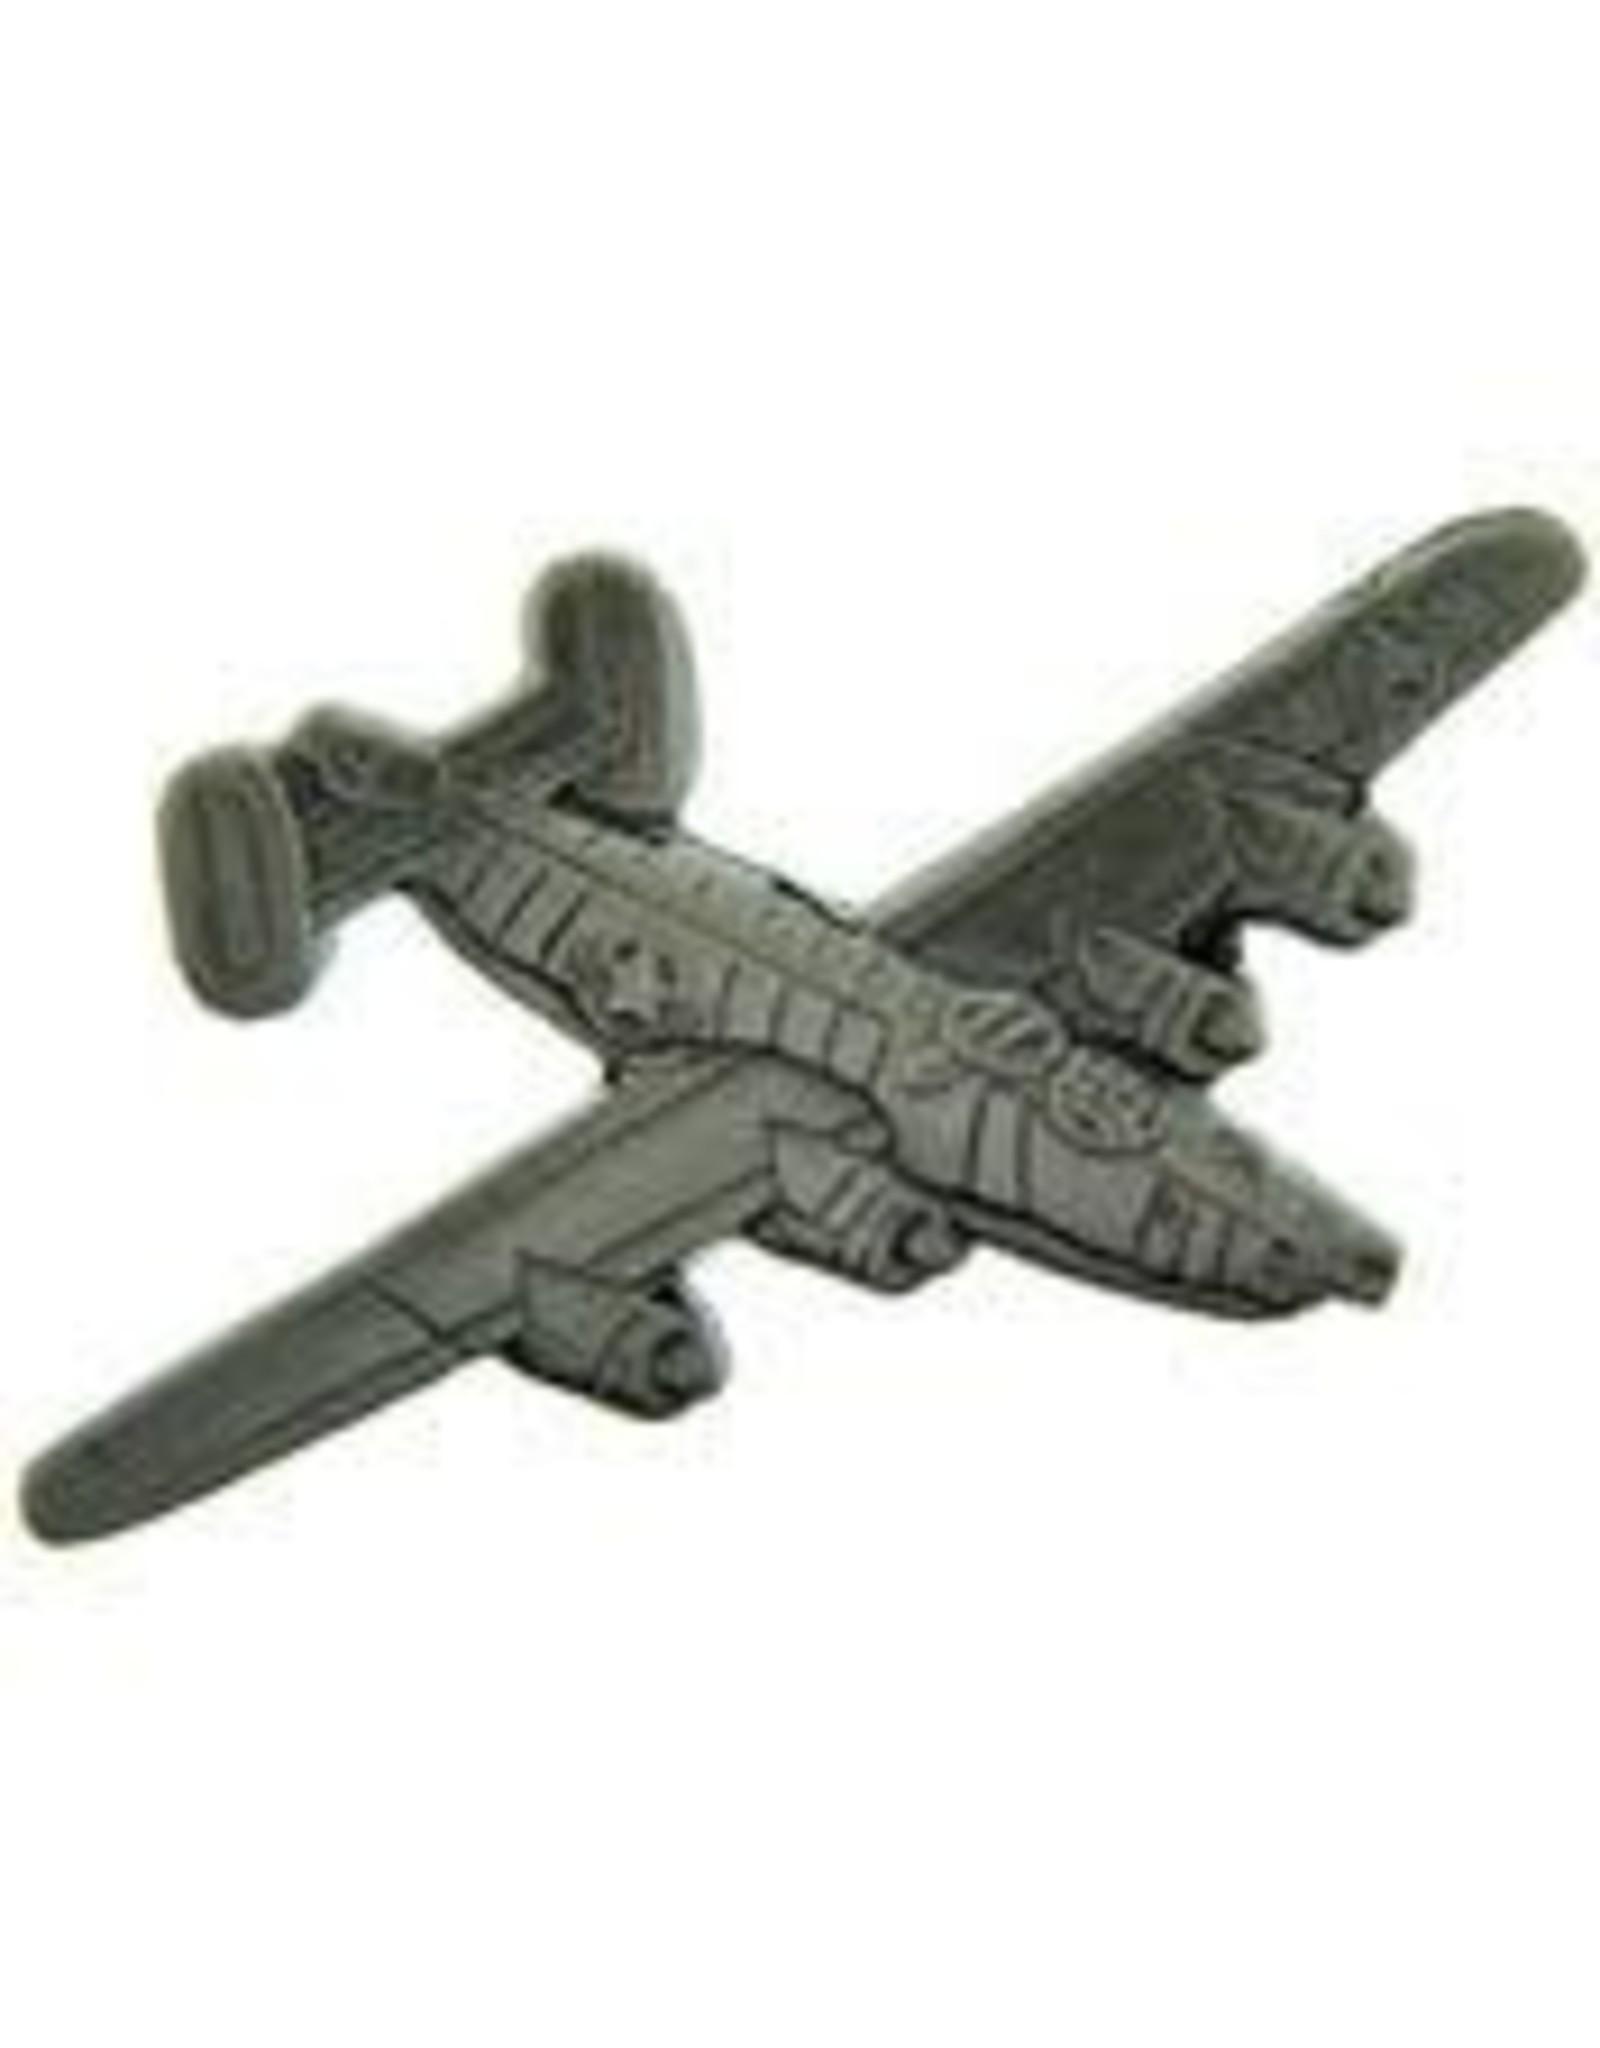 Pin - Airplane B-24 Liberator Pewter